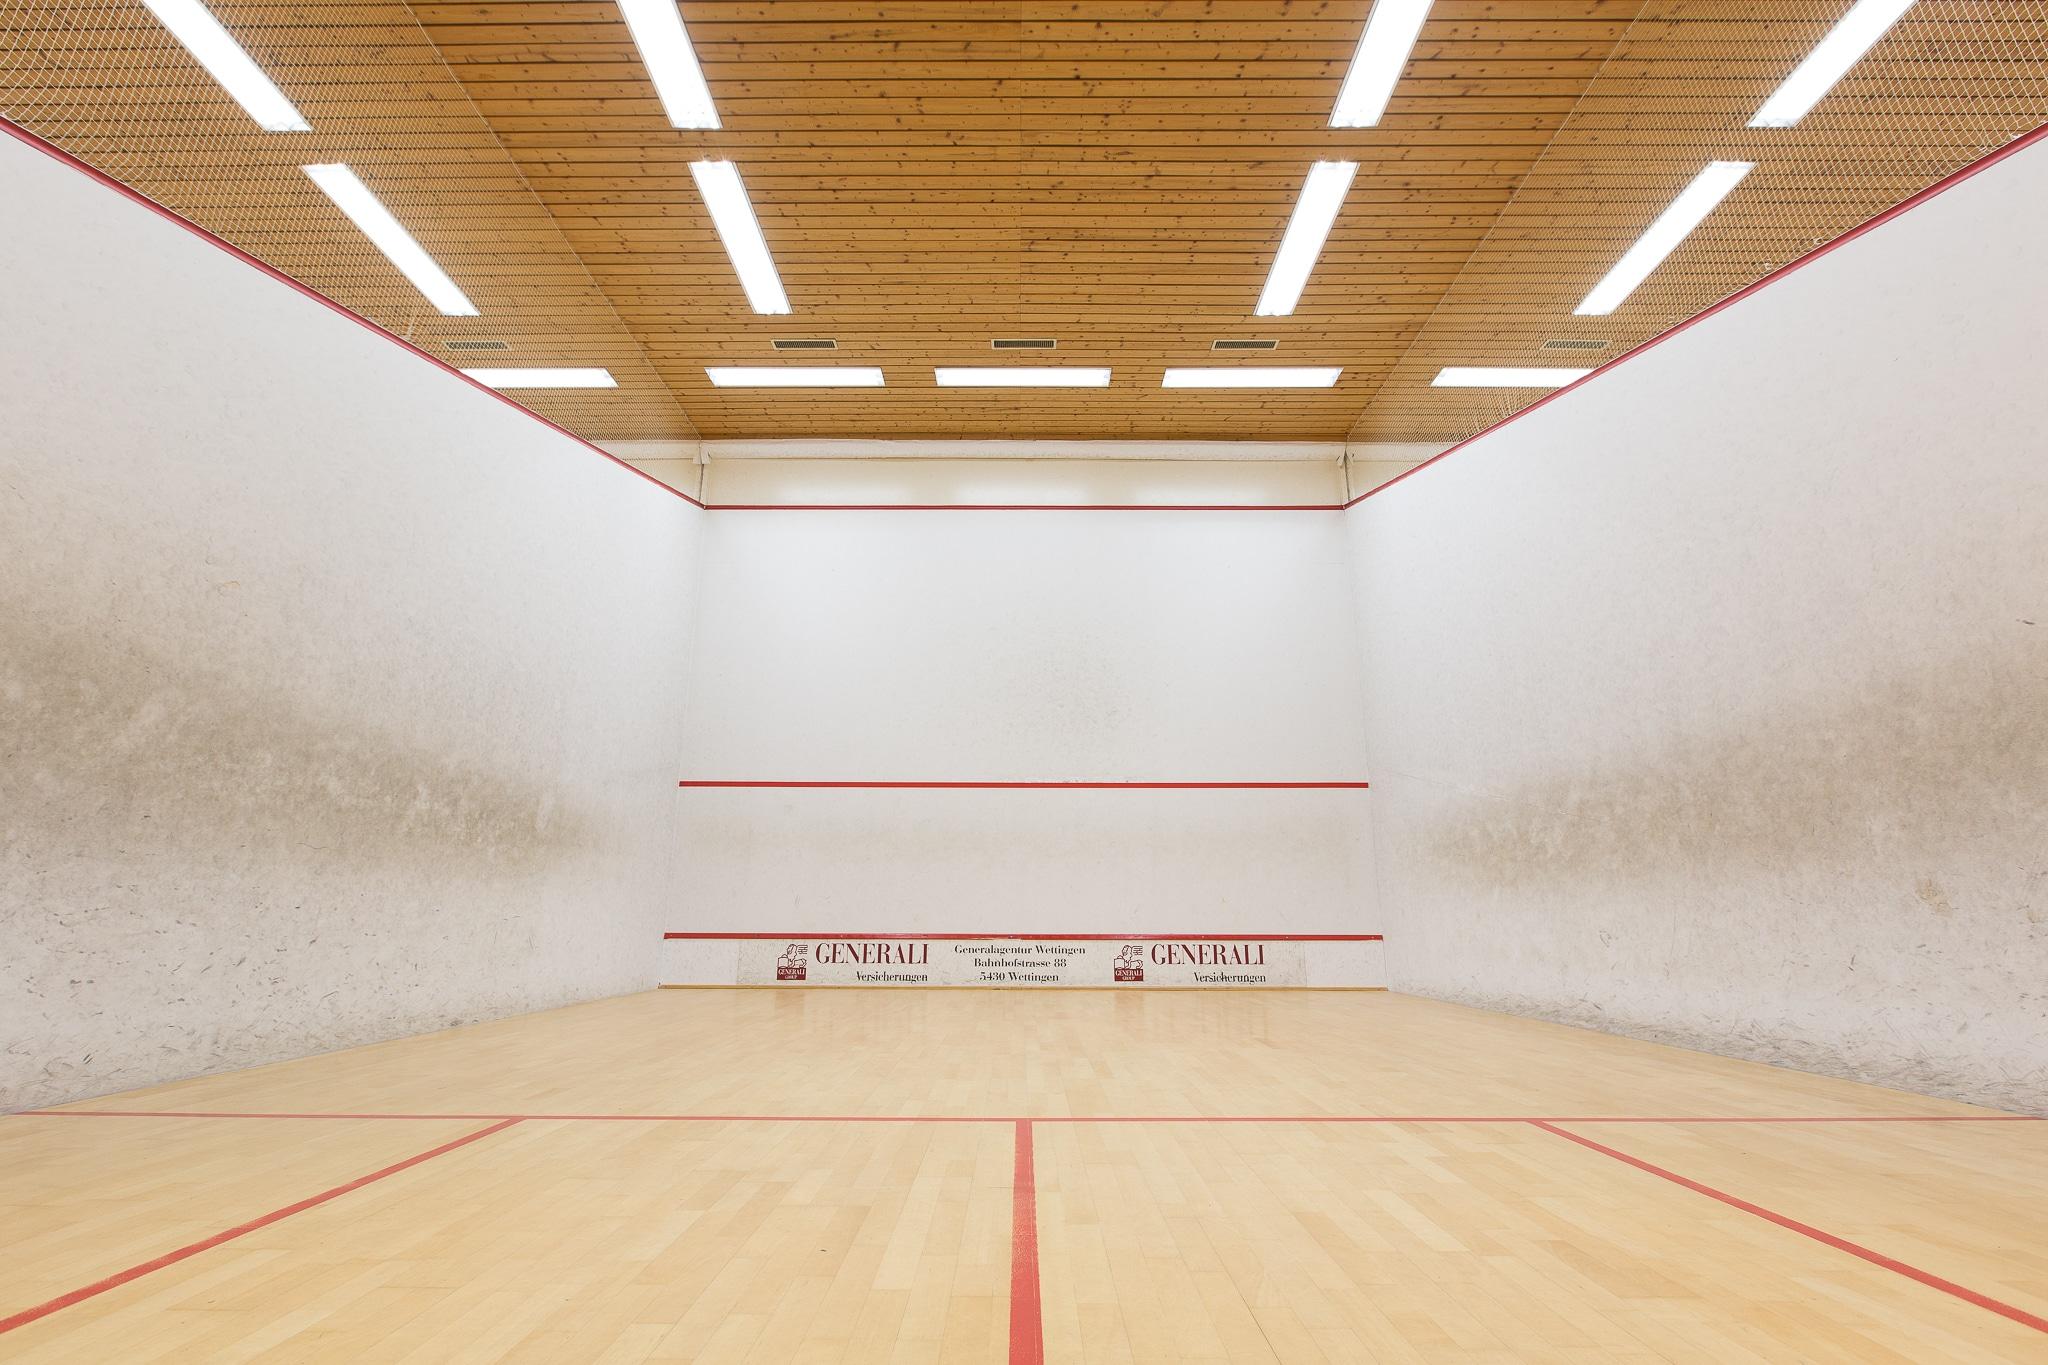 Bild der Squashhalle des Sportcenters Sport World Baregg